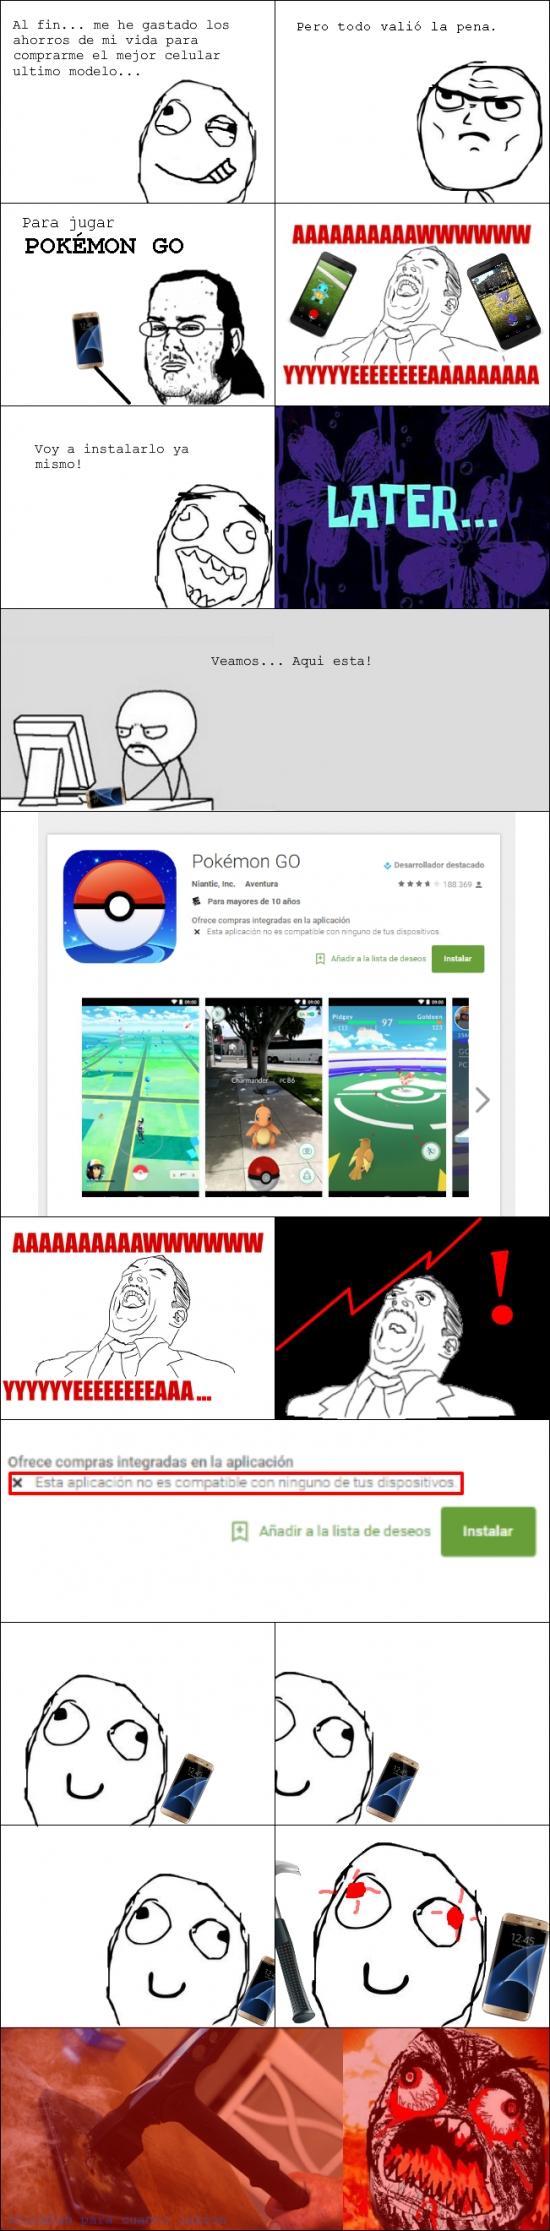 Ffffuuuuuuuuuu - Reaccionando a la incompatibilidad del Pokémon GO